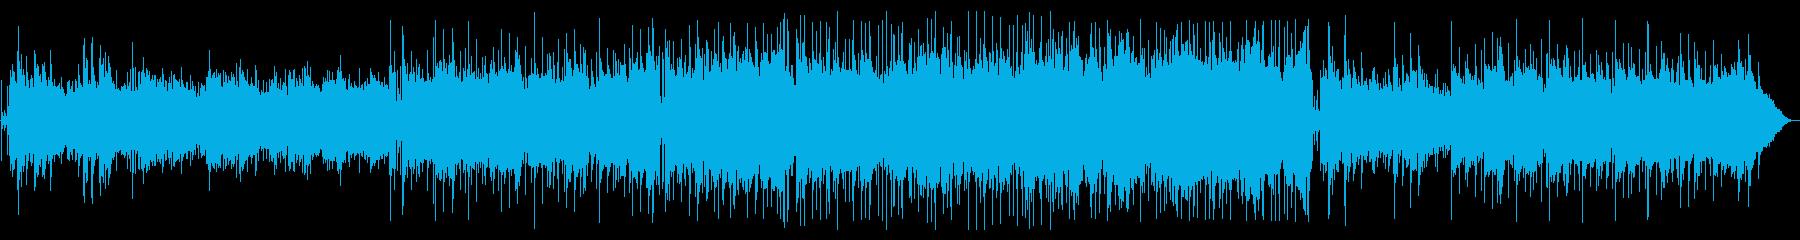 トリプレット。ピアノバー。スローカ...の再生済みの波形